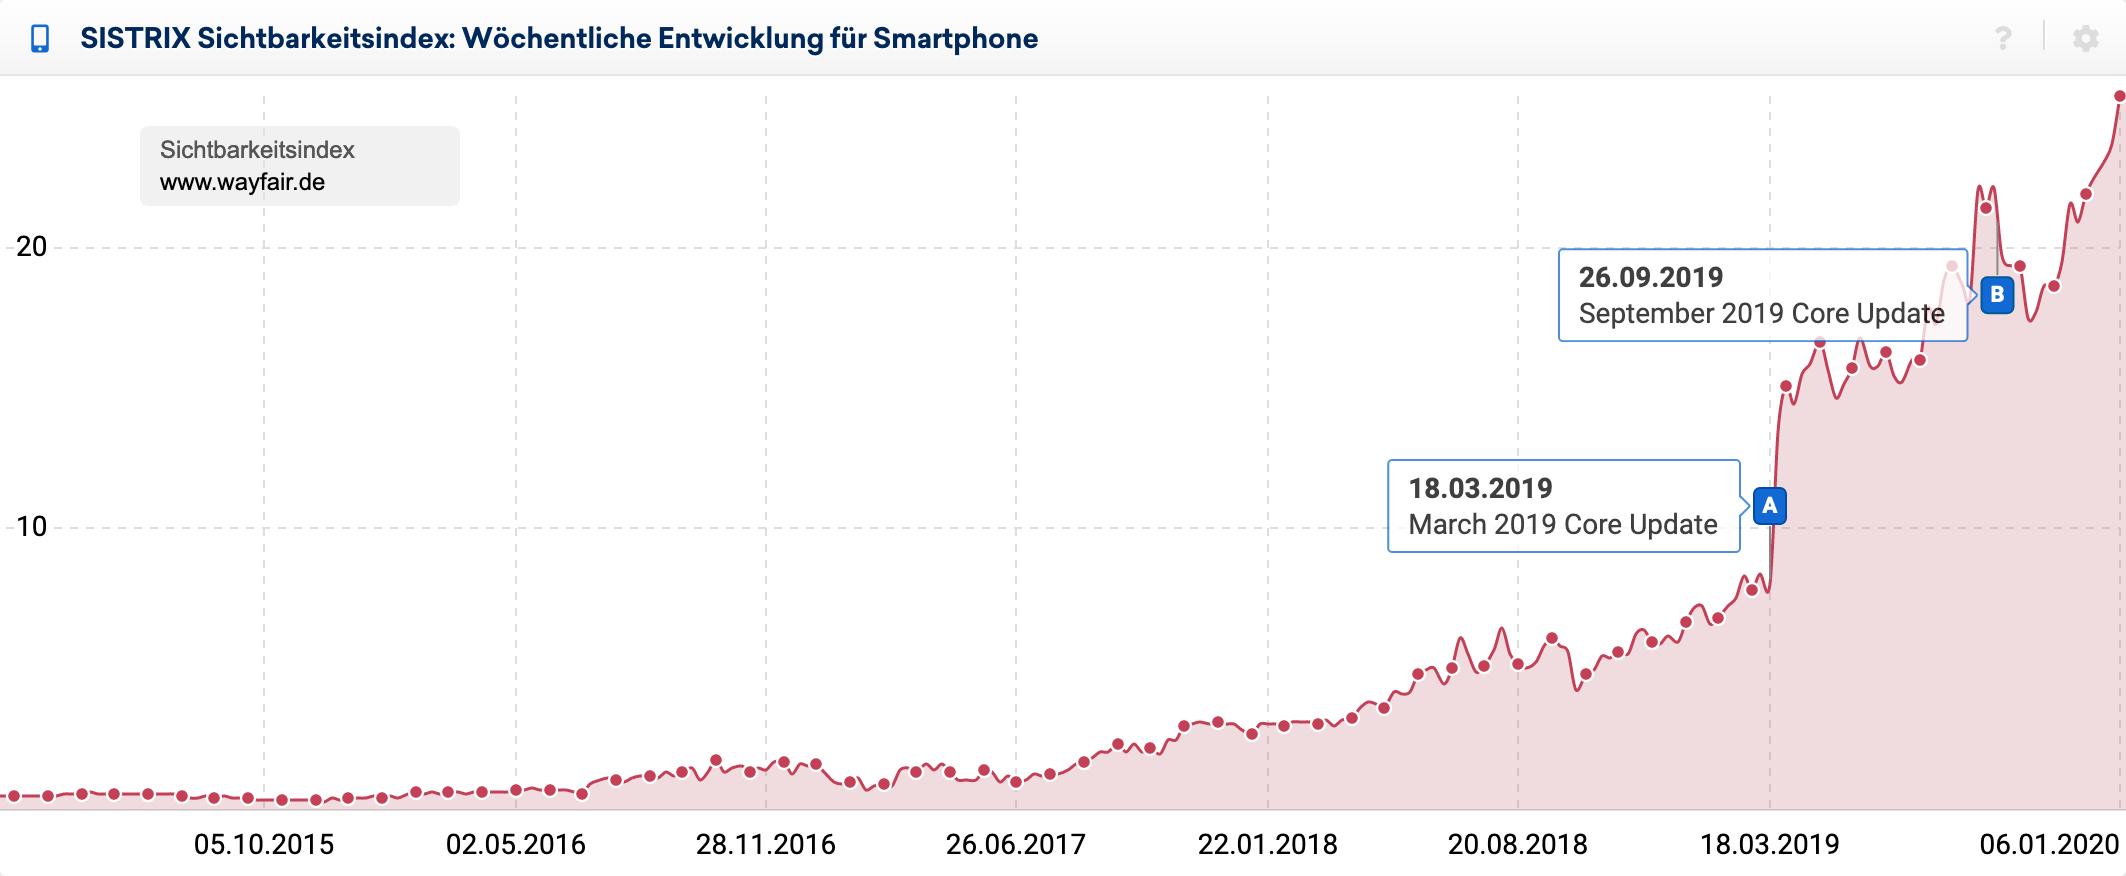 Mobiler Sichtbarkeitsverlauf der Domain wayfair.de in Deutschland. Es zeigt sich ein merklicher Sprung nach oben zum Zeitpunkt des March 2019 Core Updates von Google.